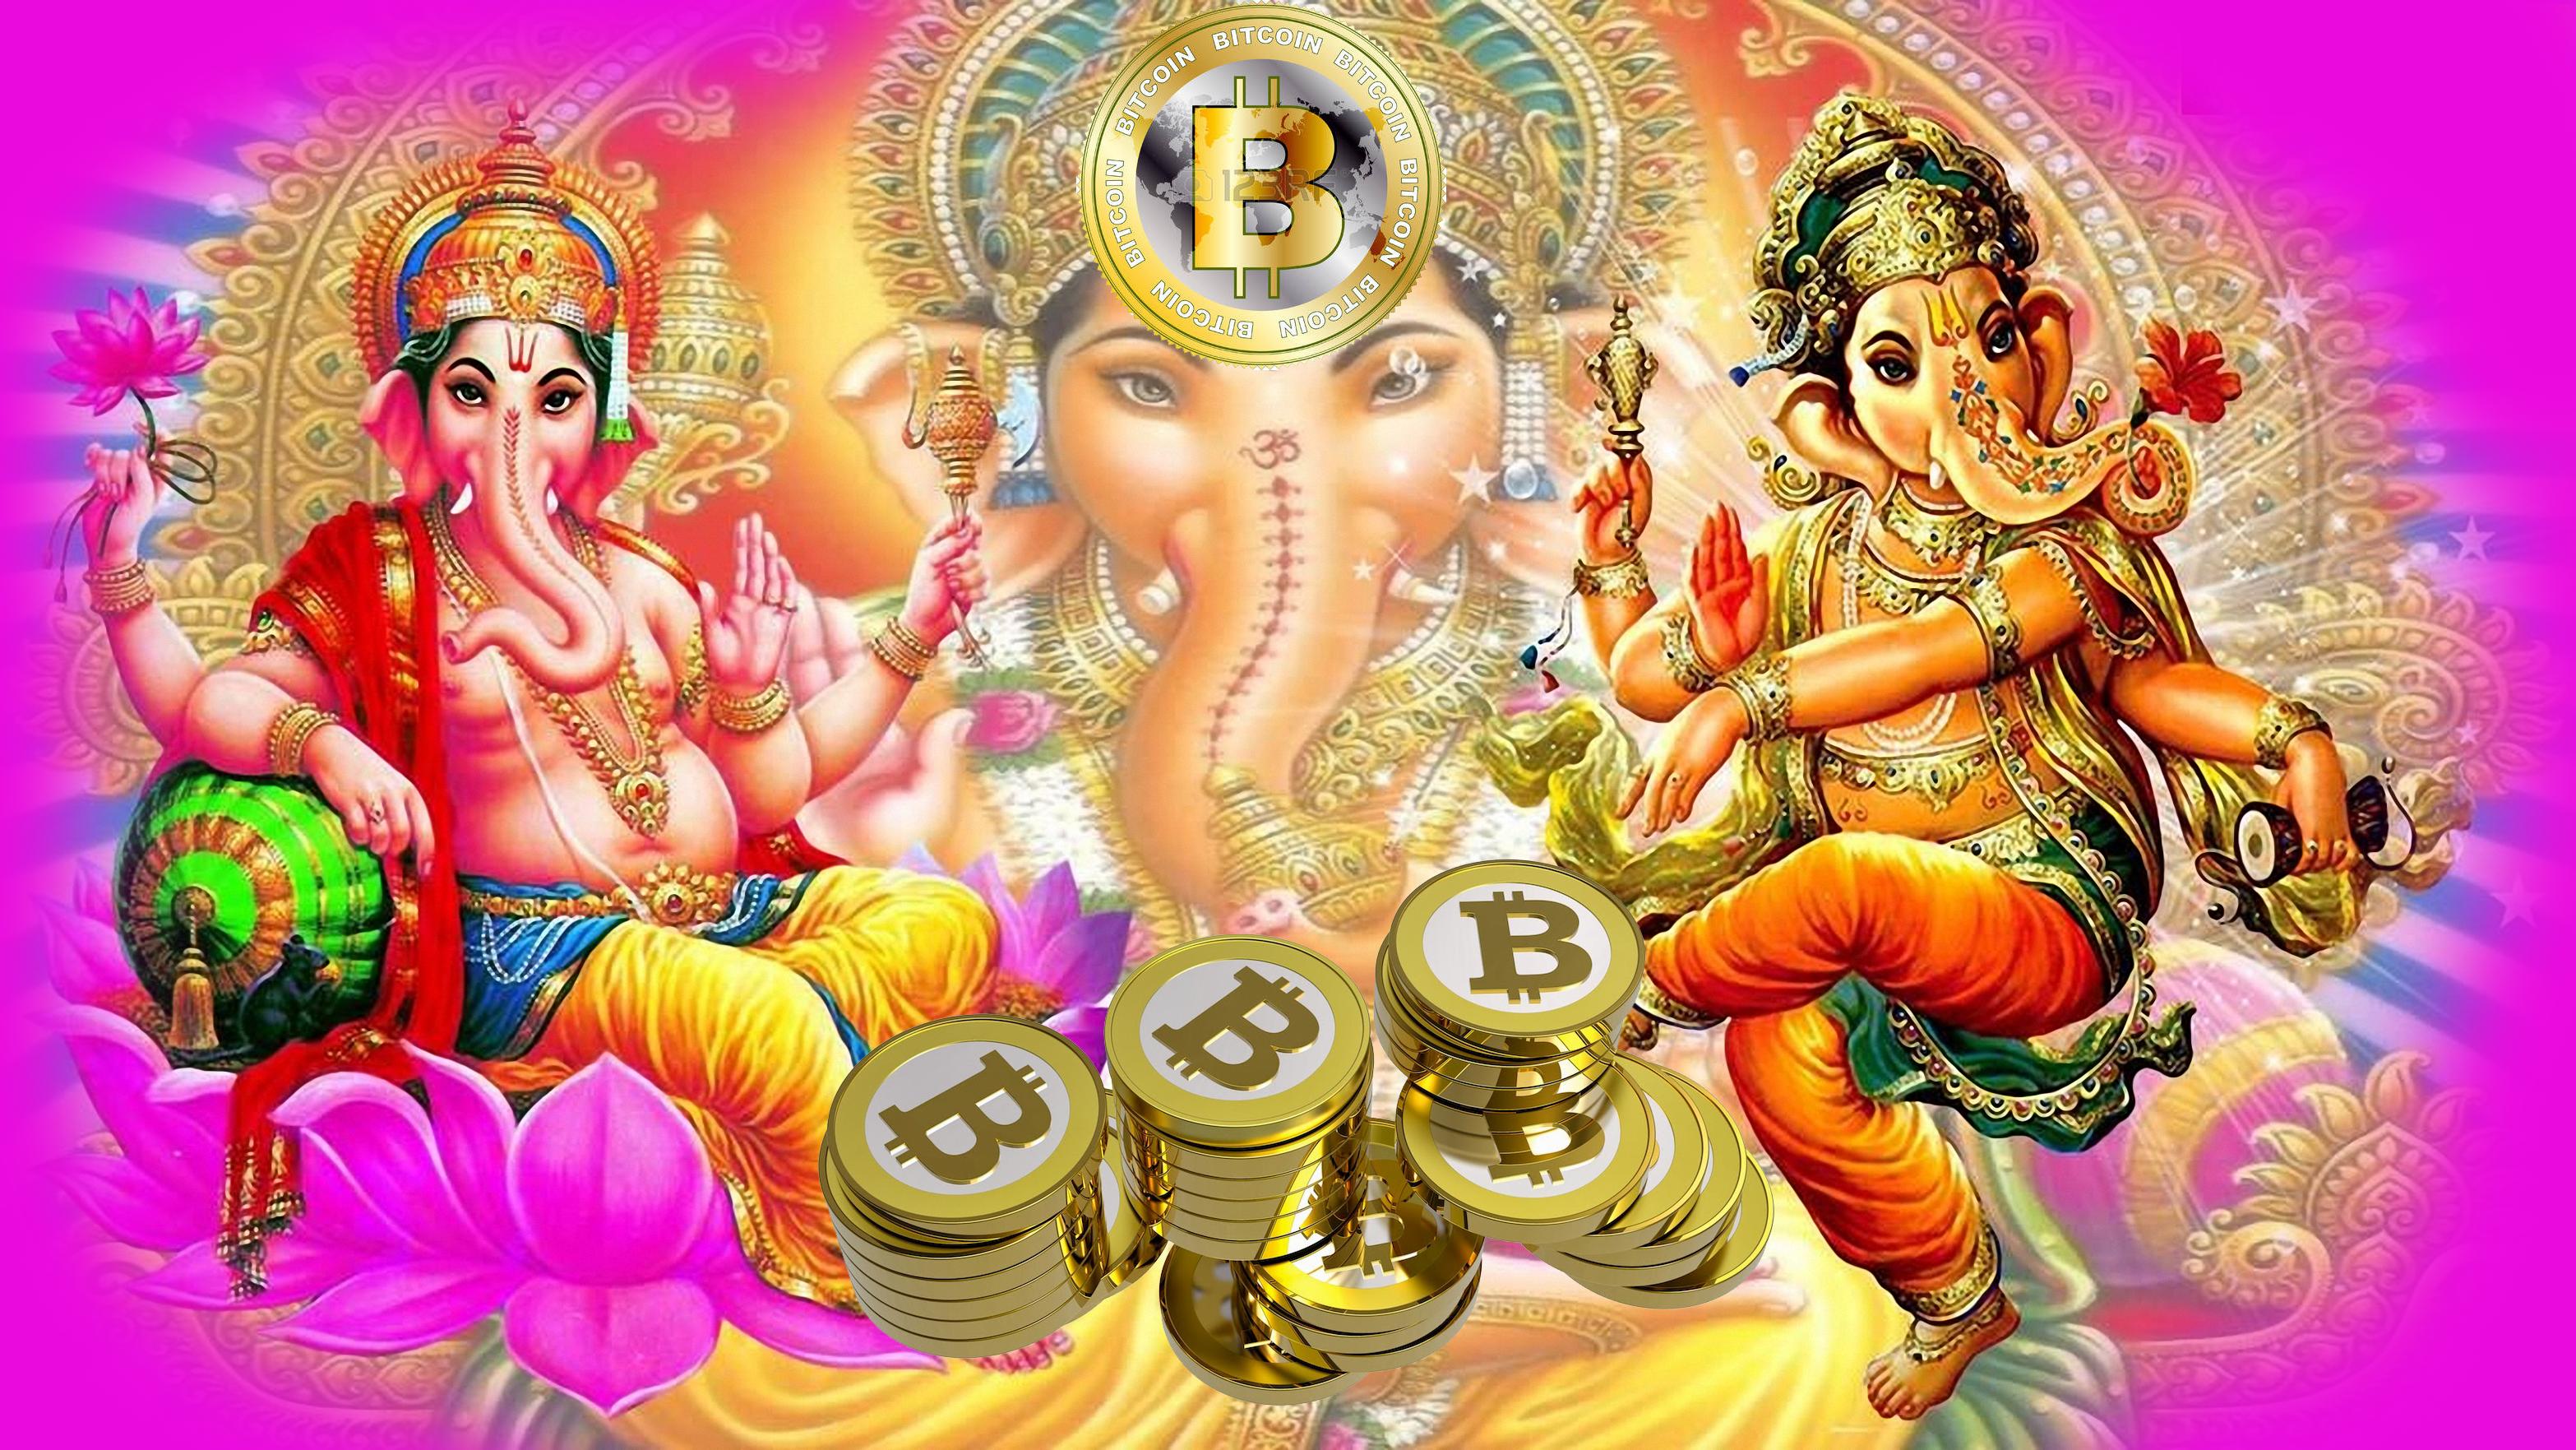 Мантры на привлечение денег — секреты использования. мантры для привлечения денег — мощная тибетская мантра. мантра для привлечения денег — видео